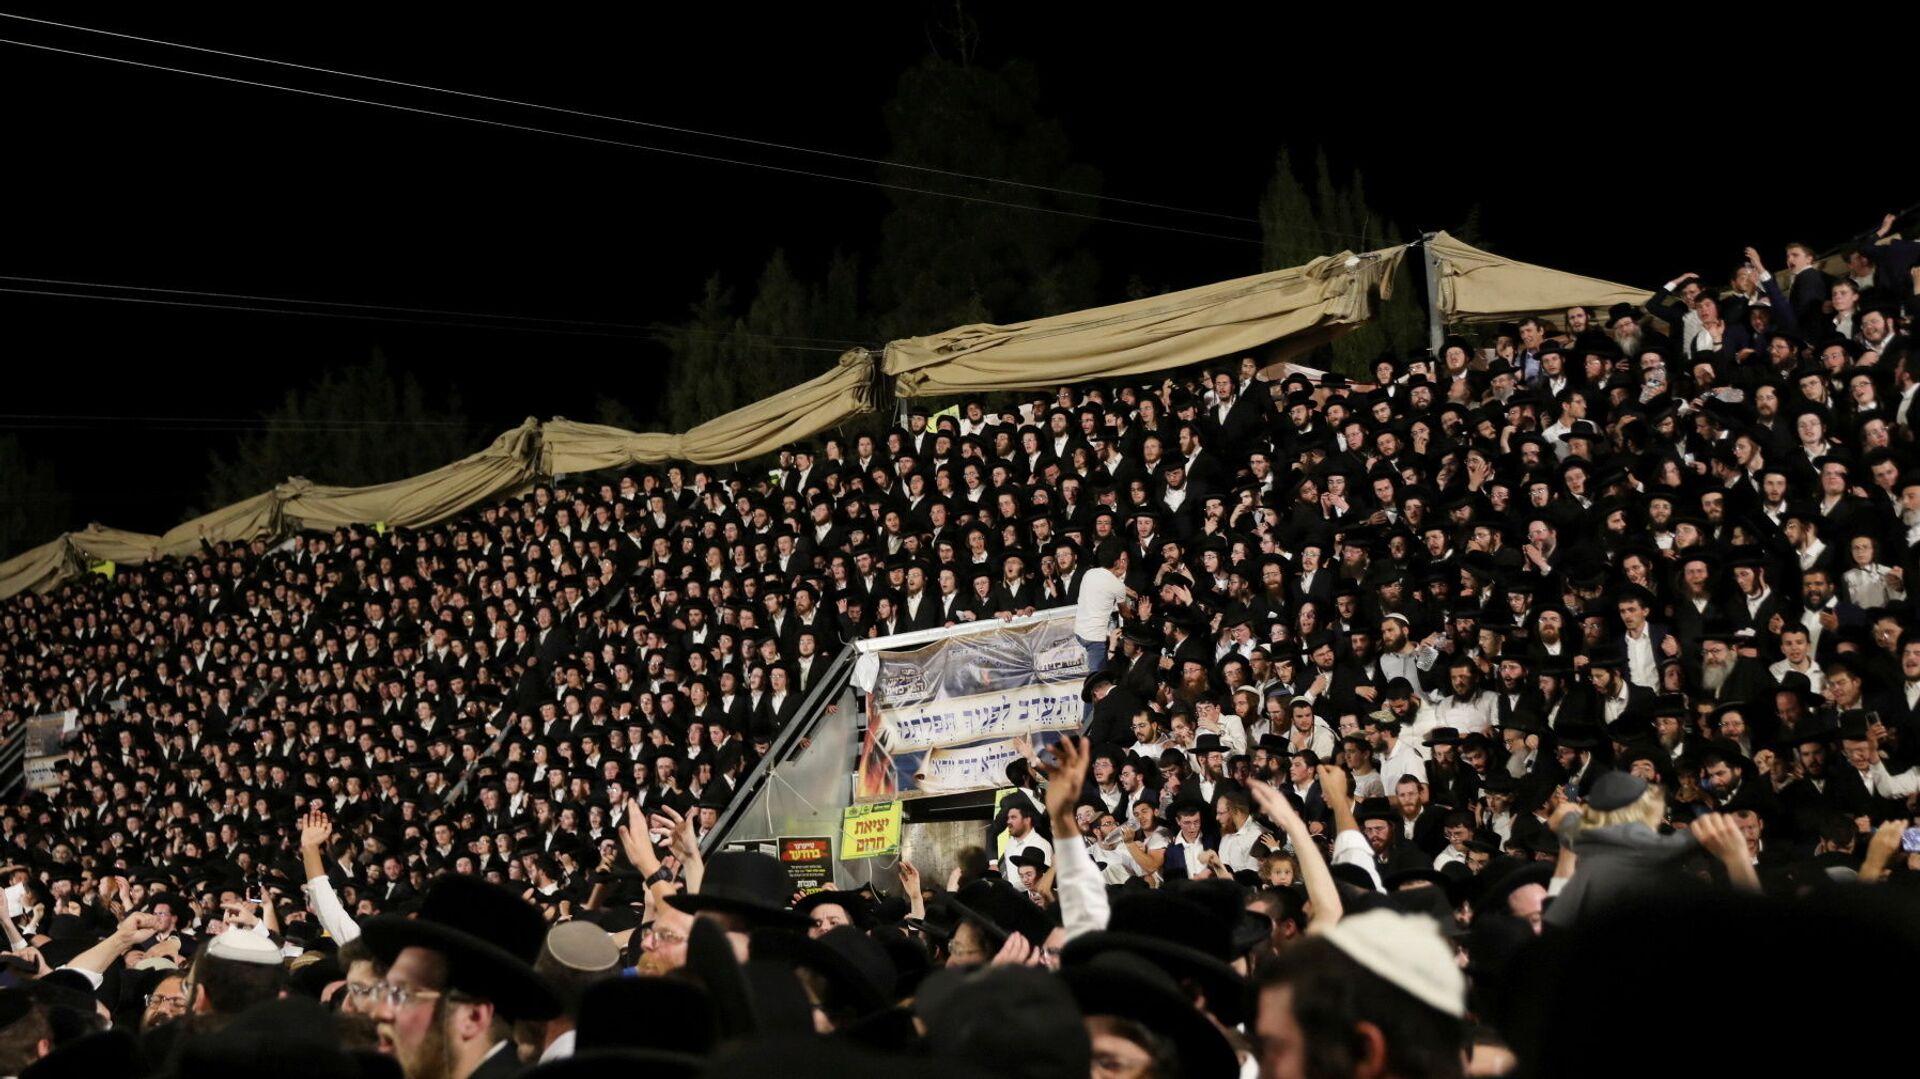 Židovští věřící zpívají a tančí, když stojí na tribuně během akce Lag ba-omer v Izraeli - Sputnik Česká republika, 1920, 30.04.2021